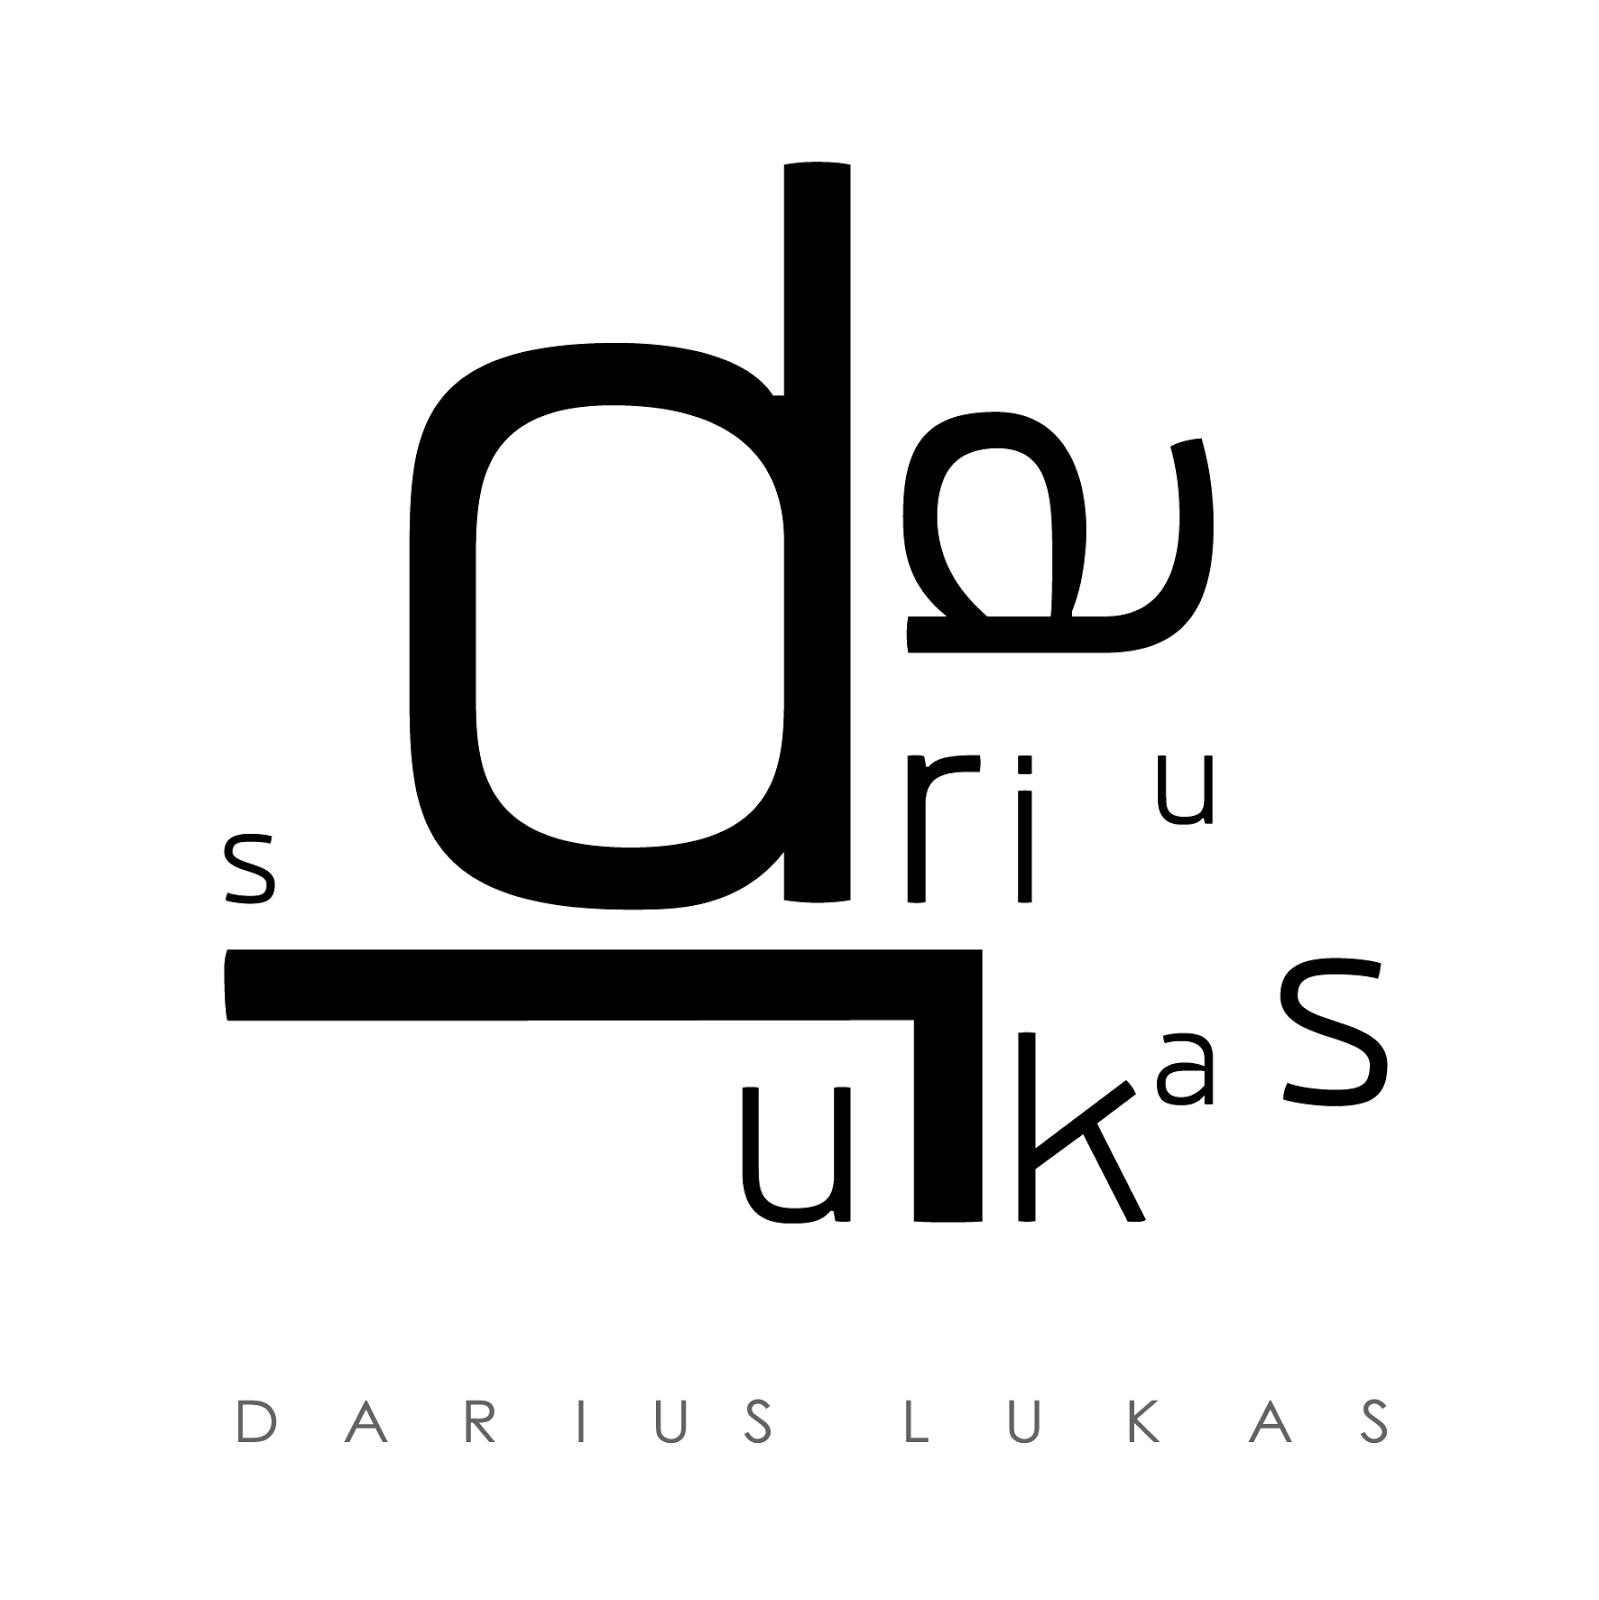 Darius Lukas